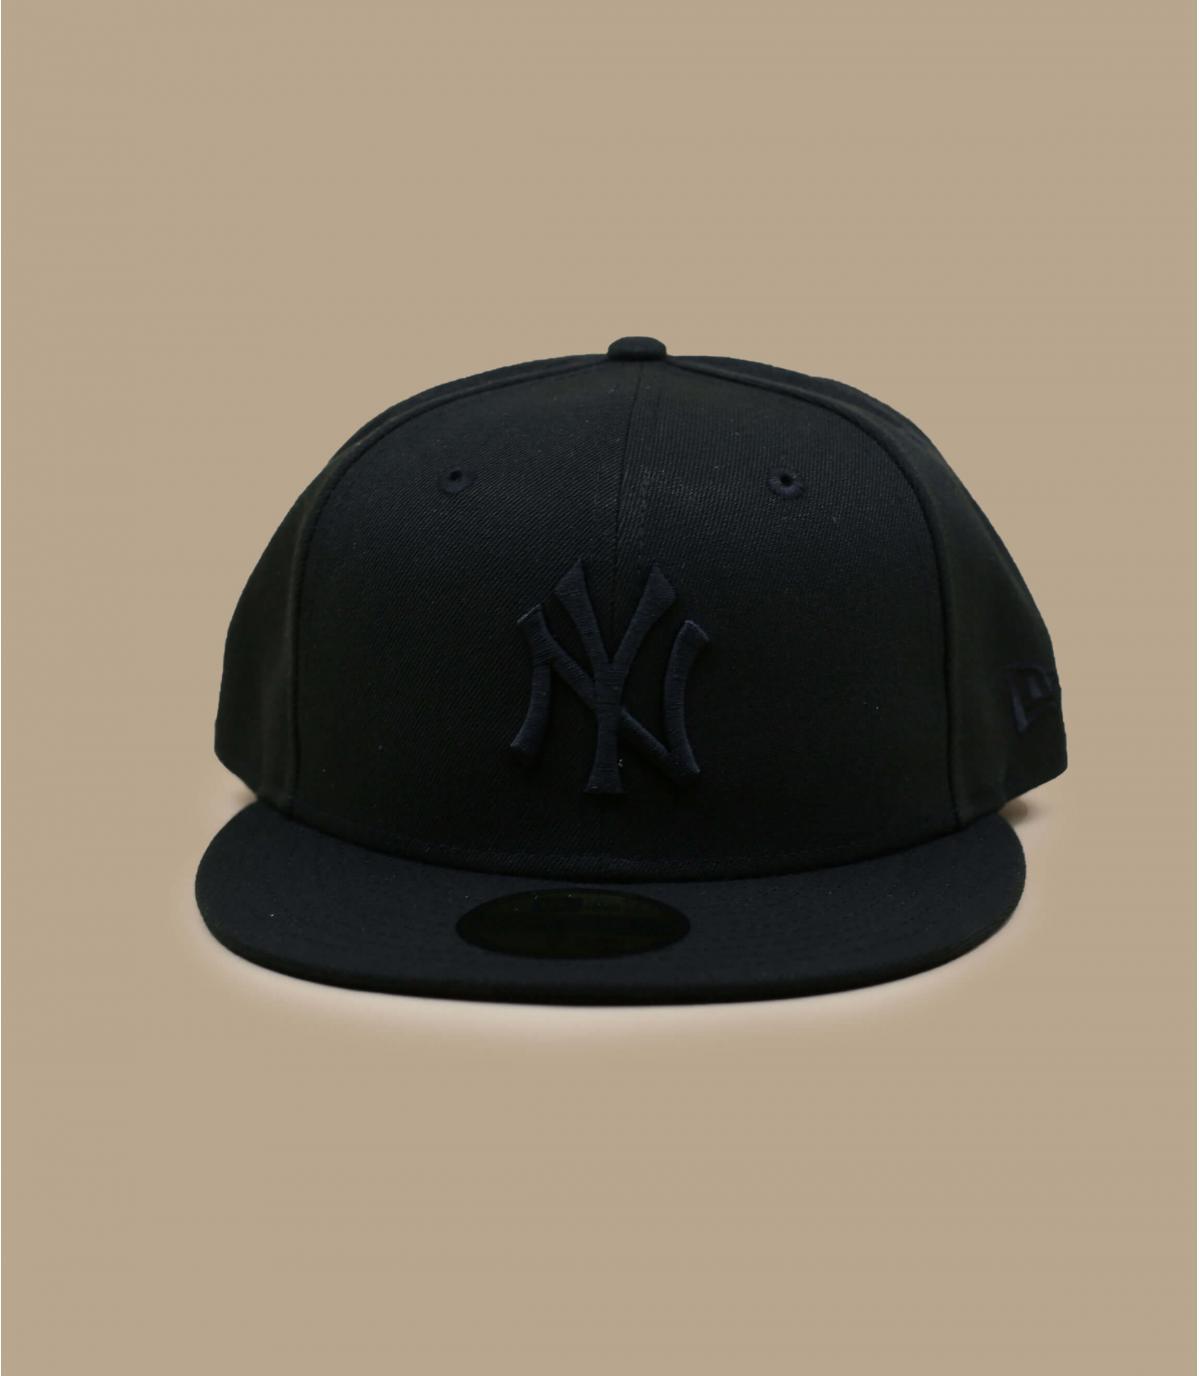 casquette Ny black